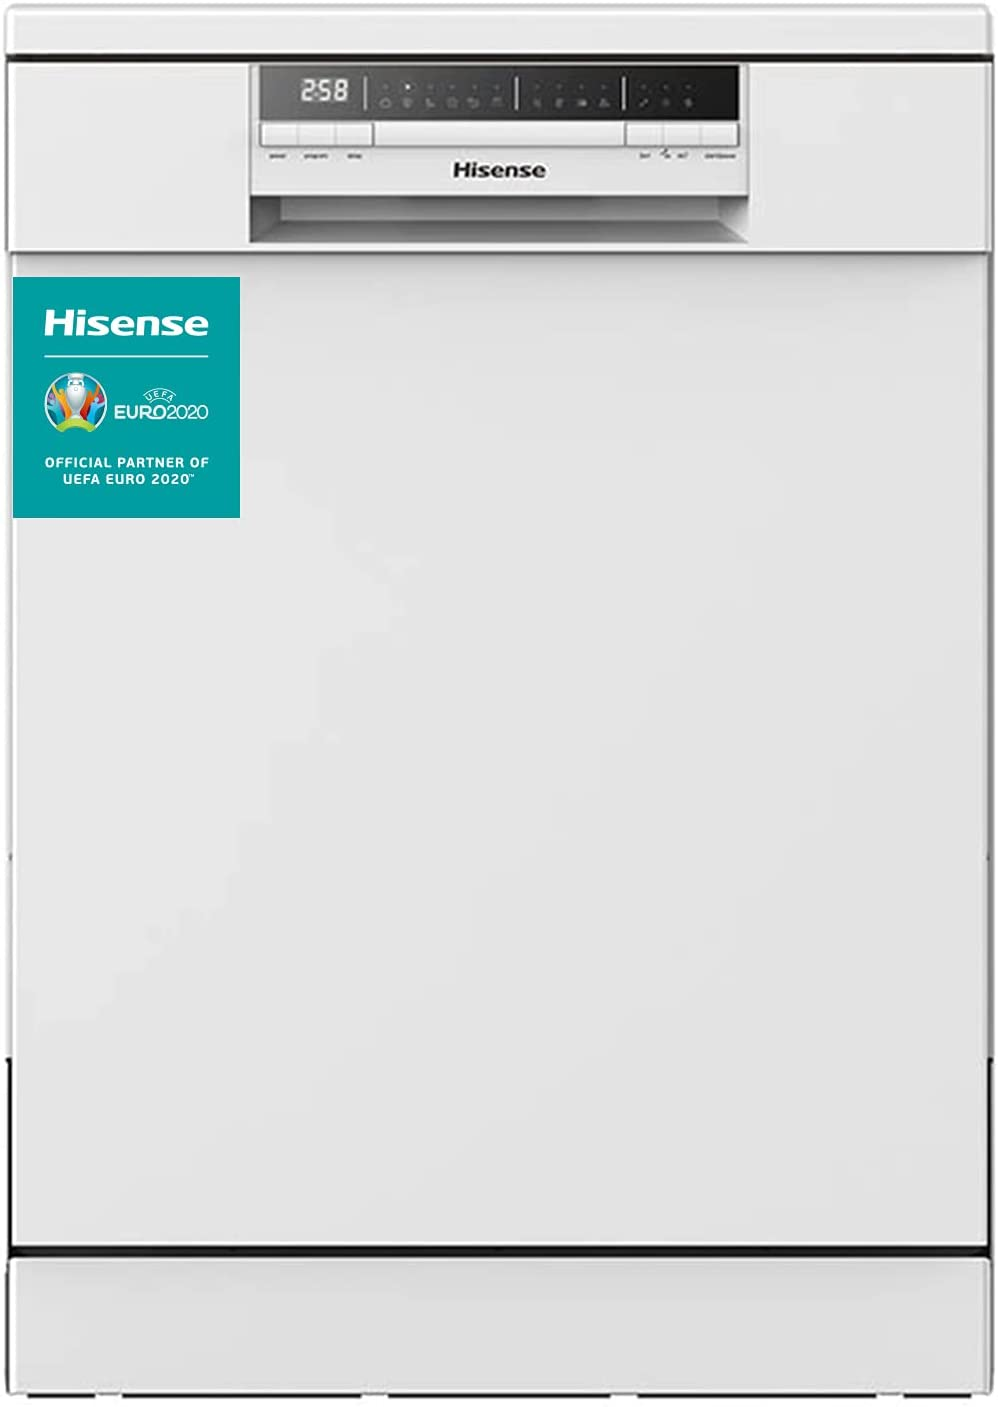 Hisense HS60240W - Lavavajillas, Capacidad para 13 servicios, de 60 cm, 6 Programas, bajo nivel sonoro, 2 Cestas, Filtro autolimpiable, Contador digital con programa Ecológico, Color Blanco